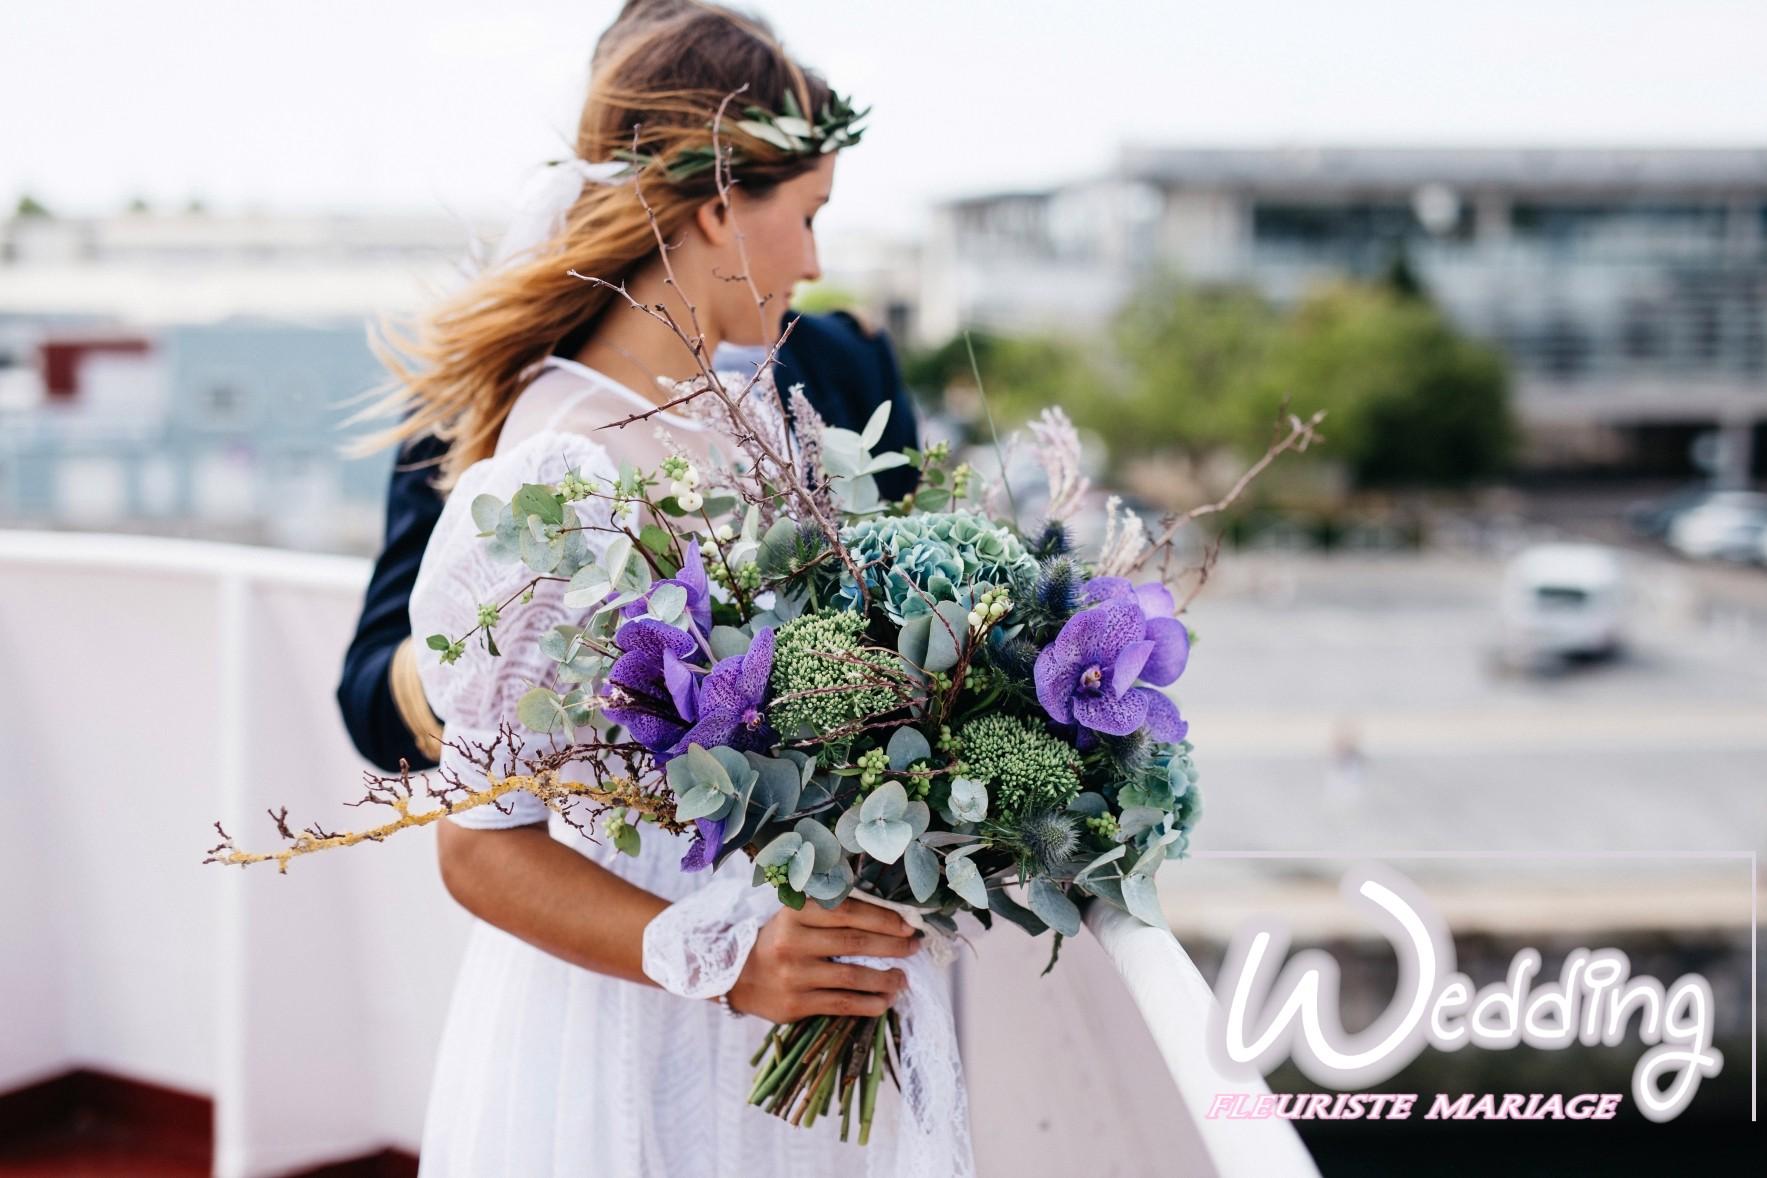 BOUQUETS DE MARIÉE CAGNES SUR MER- WEDDING FLEURISTE MARIAGE CAGNES SUR MER